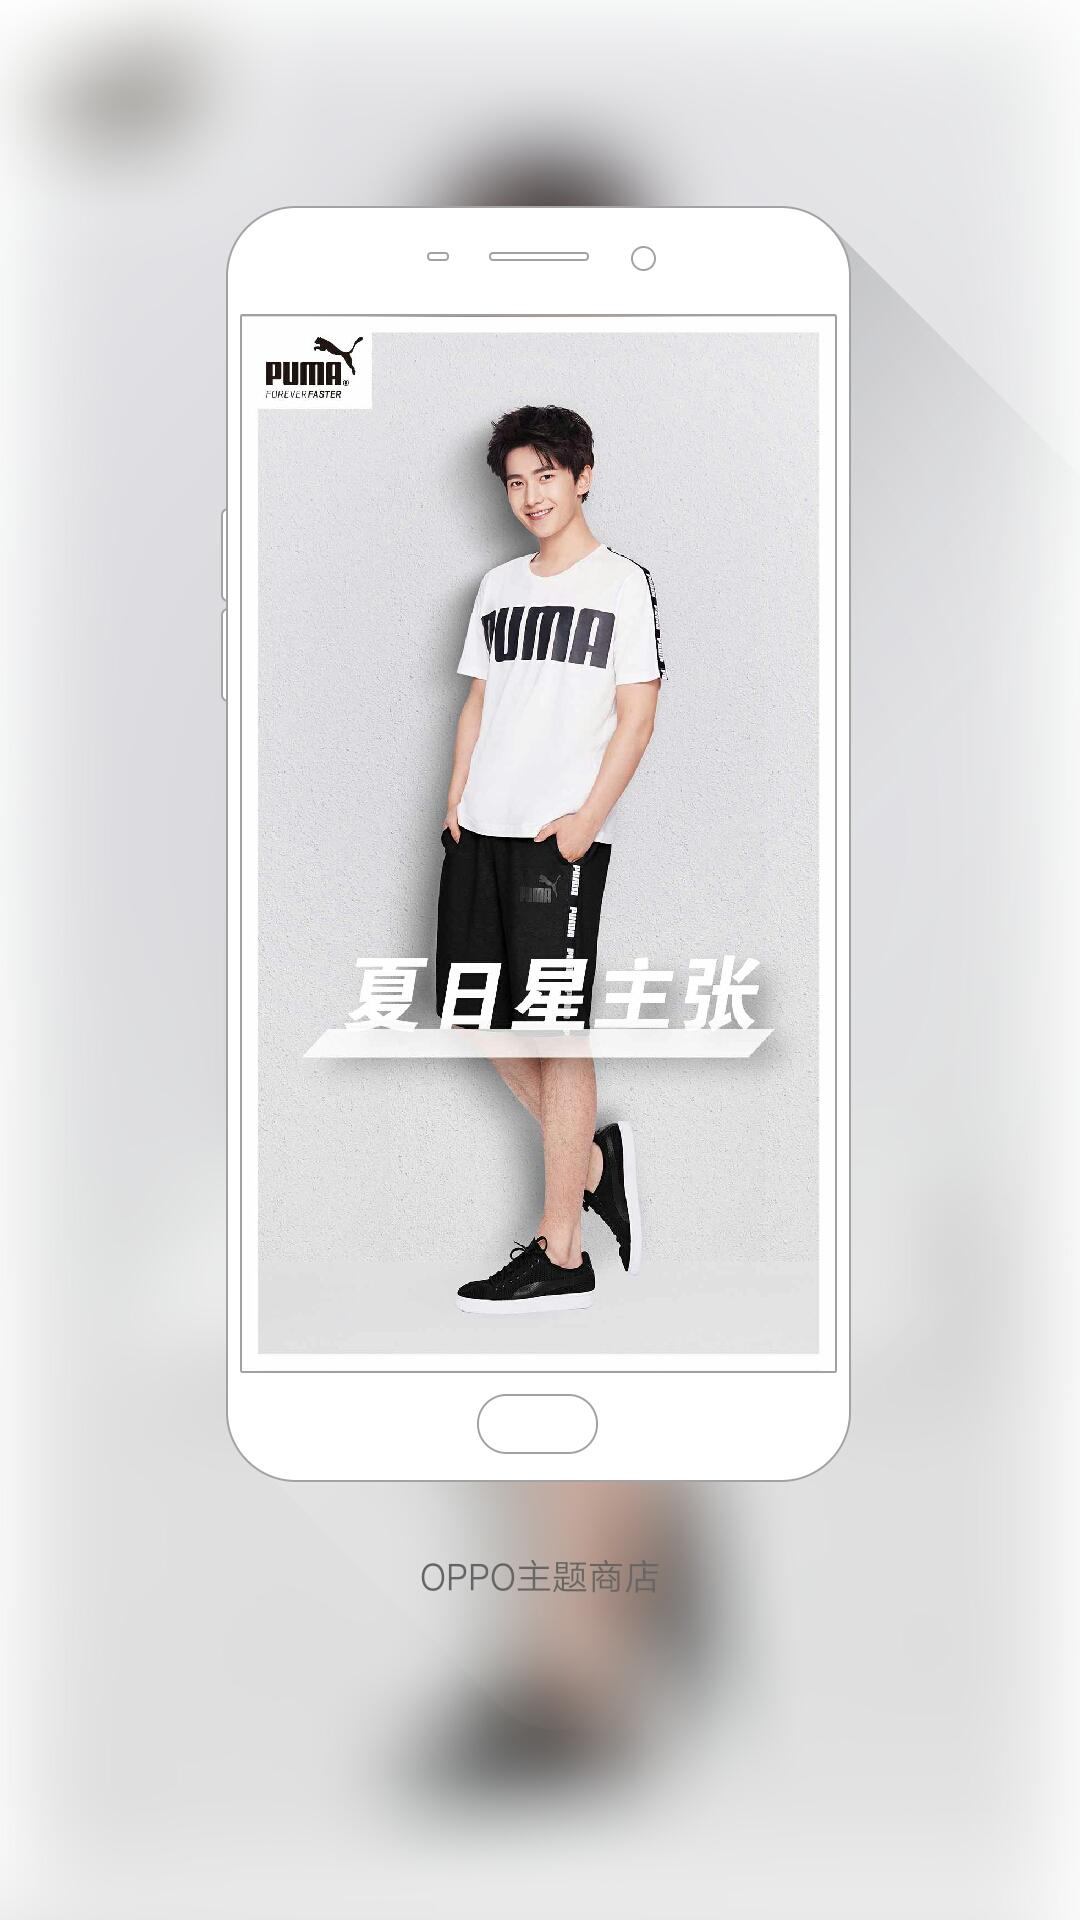 商店 发现一款壁纸 杨洋Puma 帖子 OPPO手机官方社区